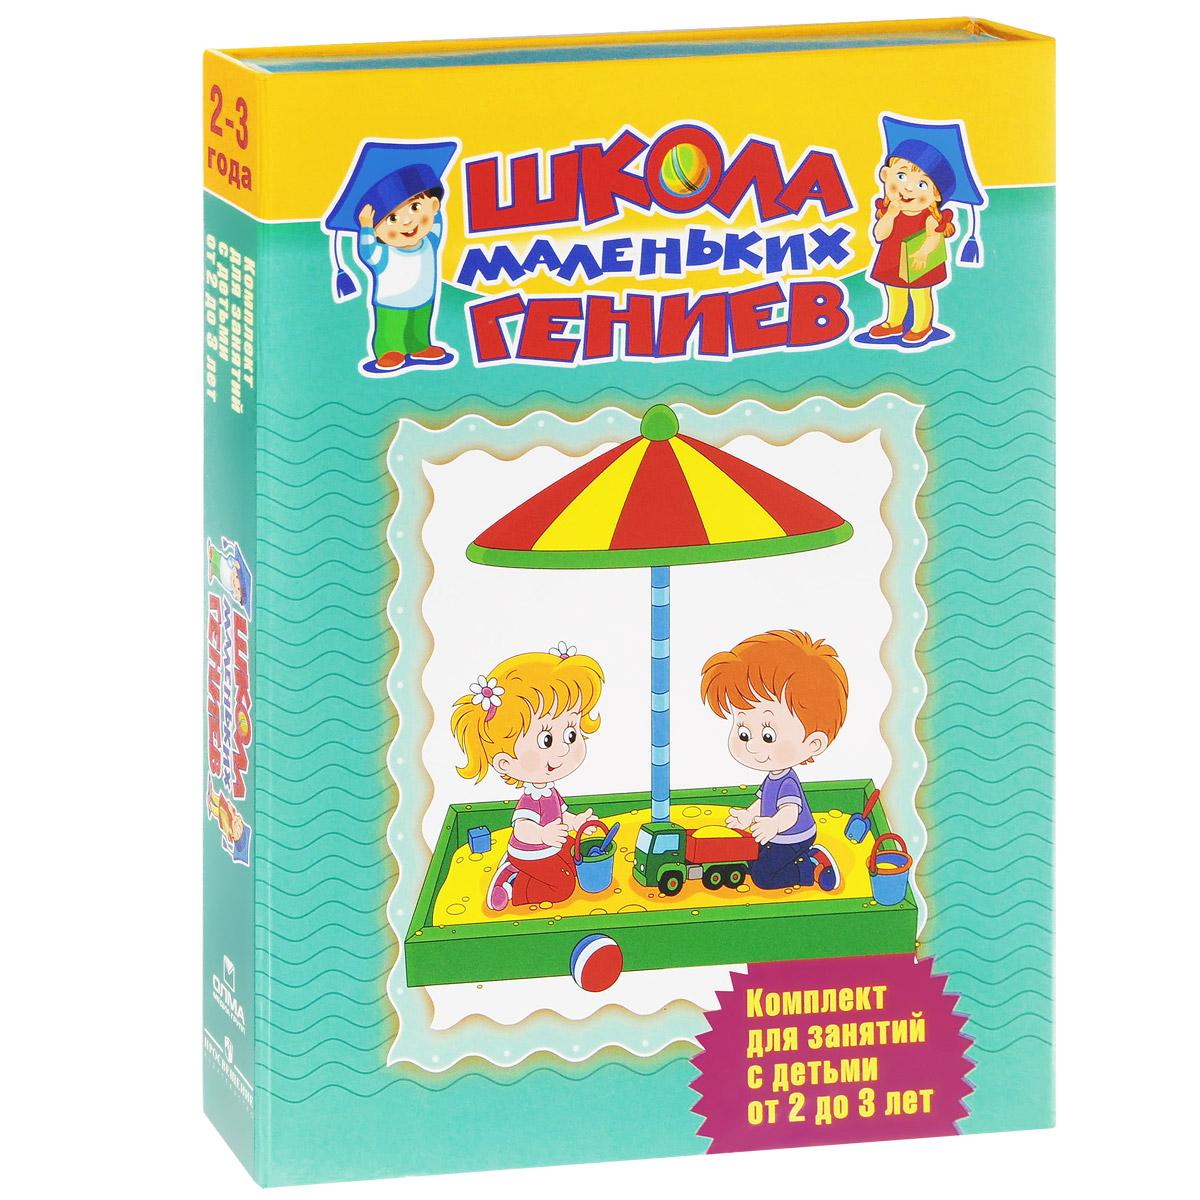 Купить Школа маленьких гениев. Комплект для занятий с детьми от 2 до 3 лет (комплект из 7 книг)